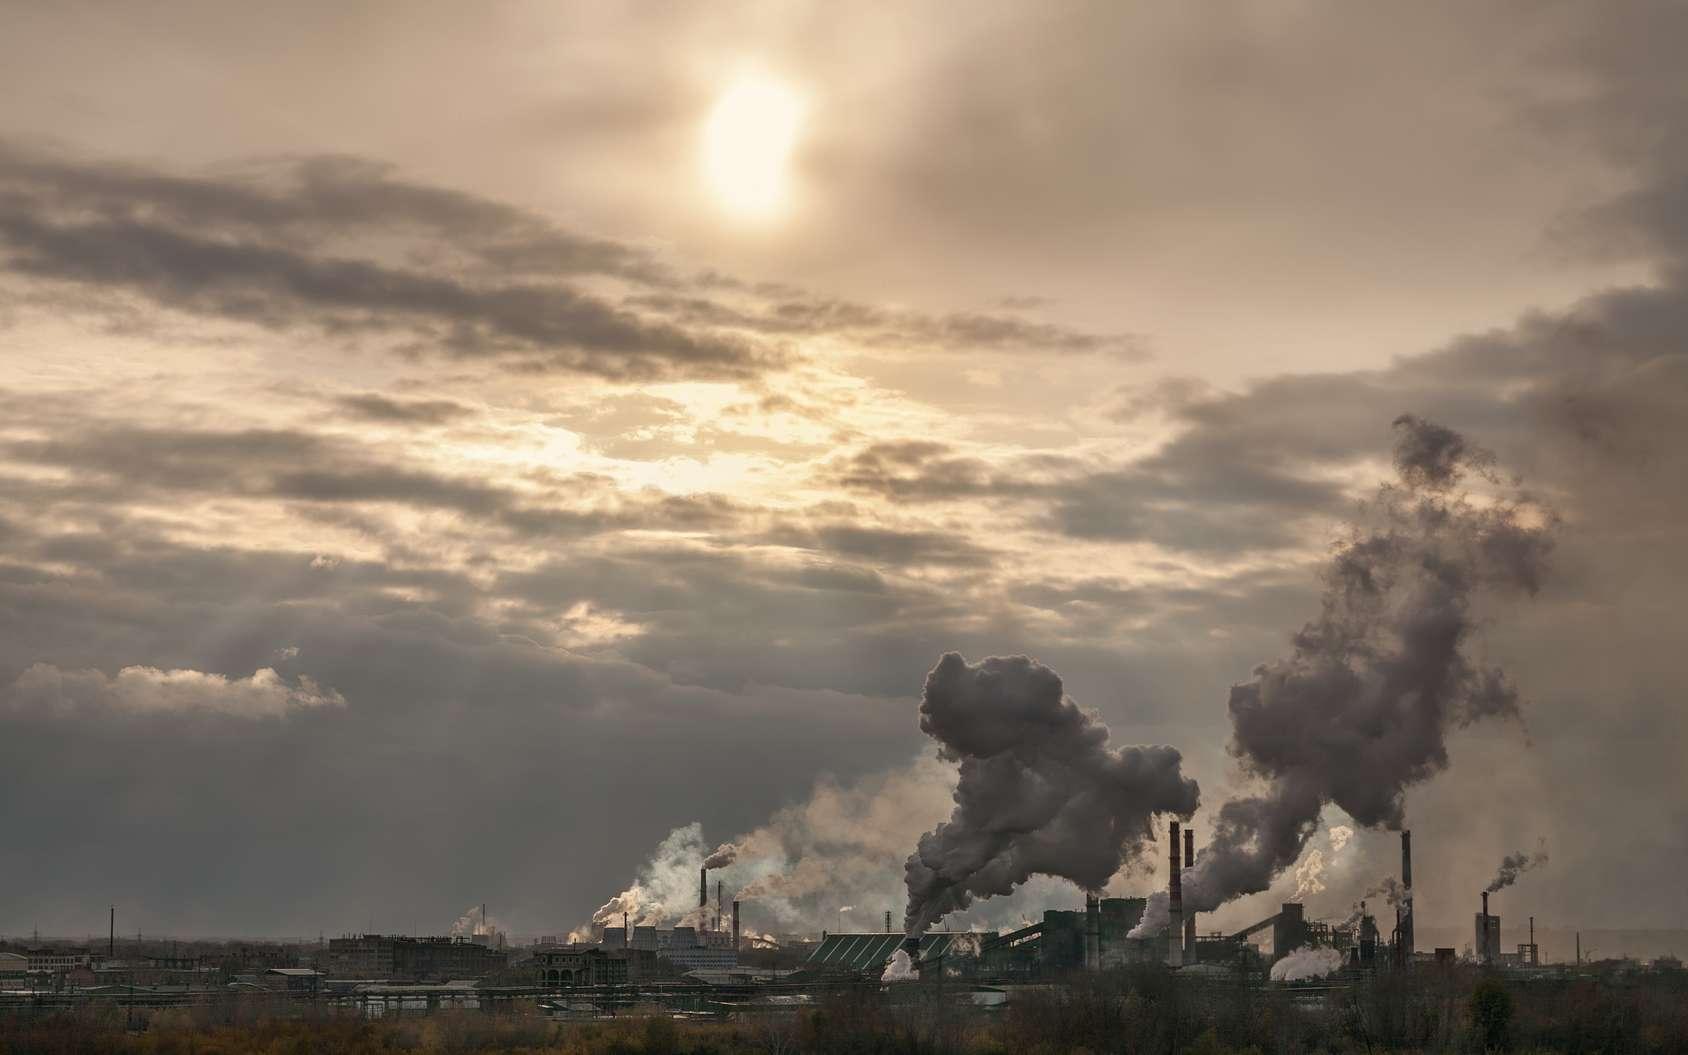 La première forme de pollution atmosphérique provient de sources de proximité comme les installations industrielles ou les véhicules. © Liubov Furs, fotolia